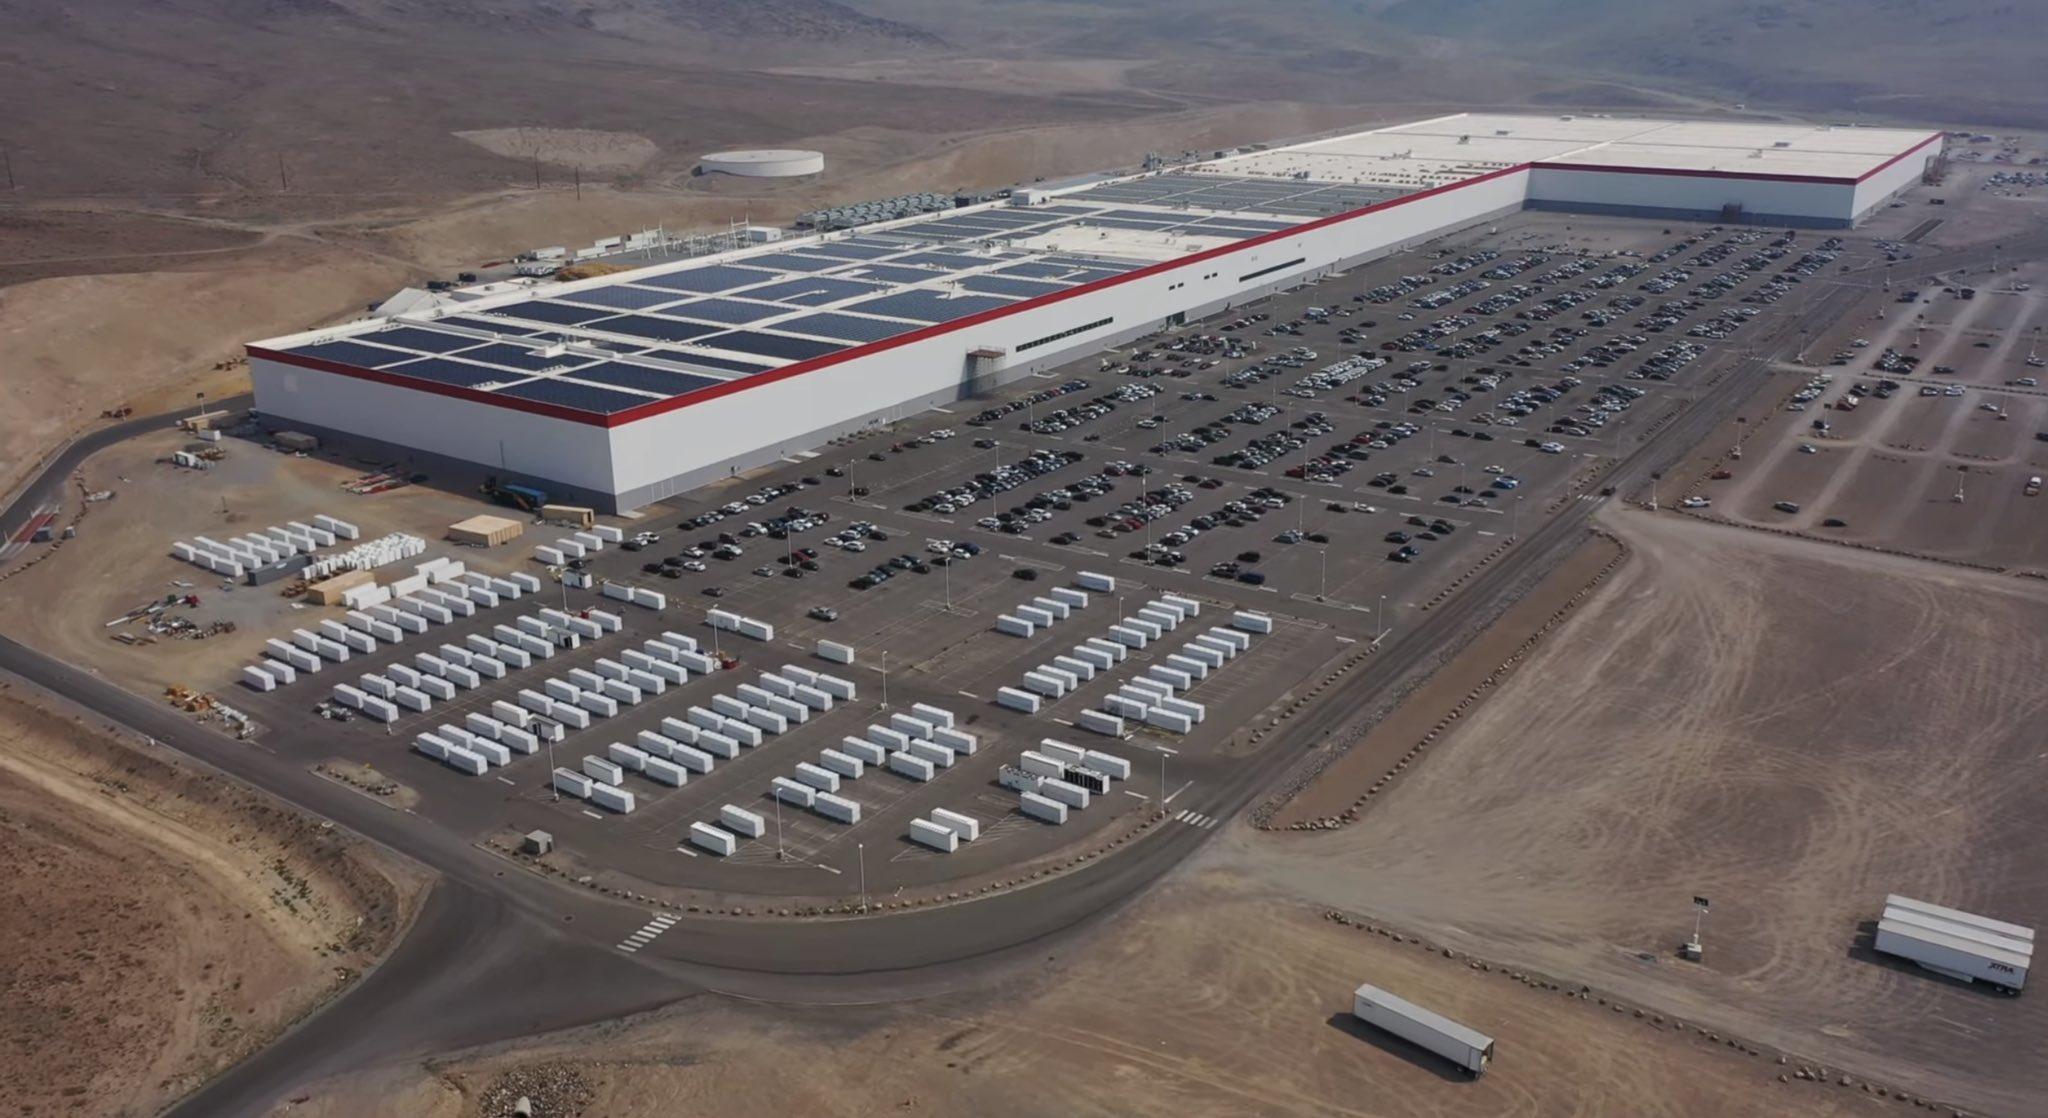 tesla-giga-nv-solar-panels